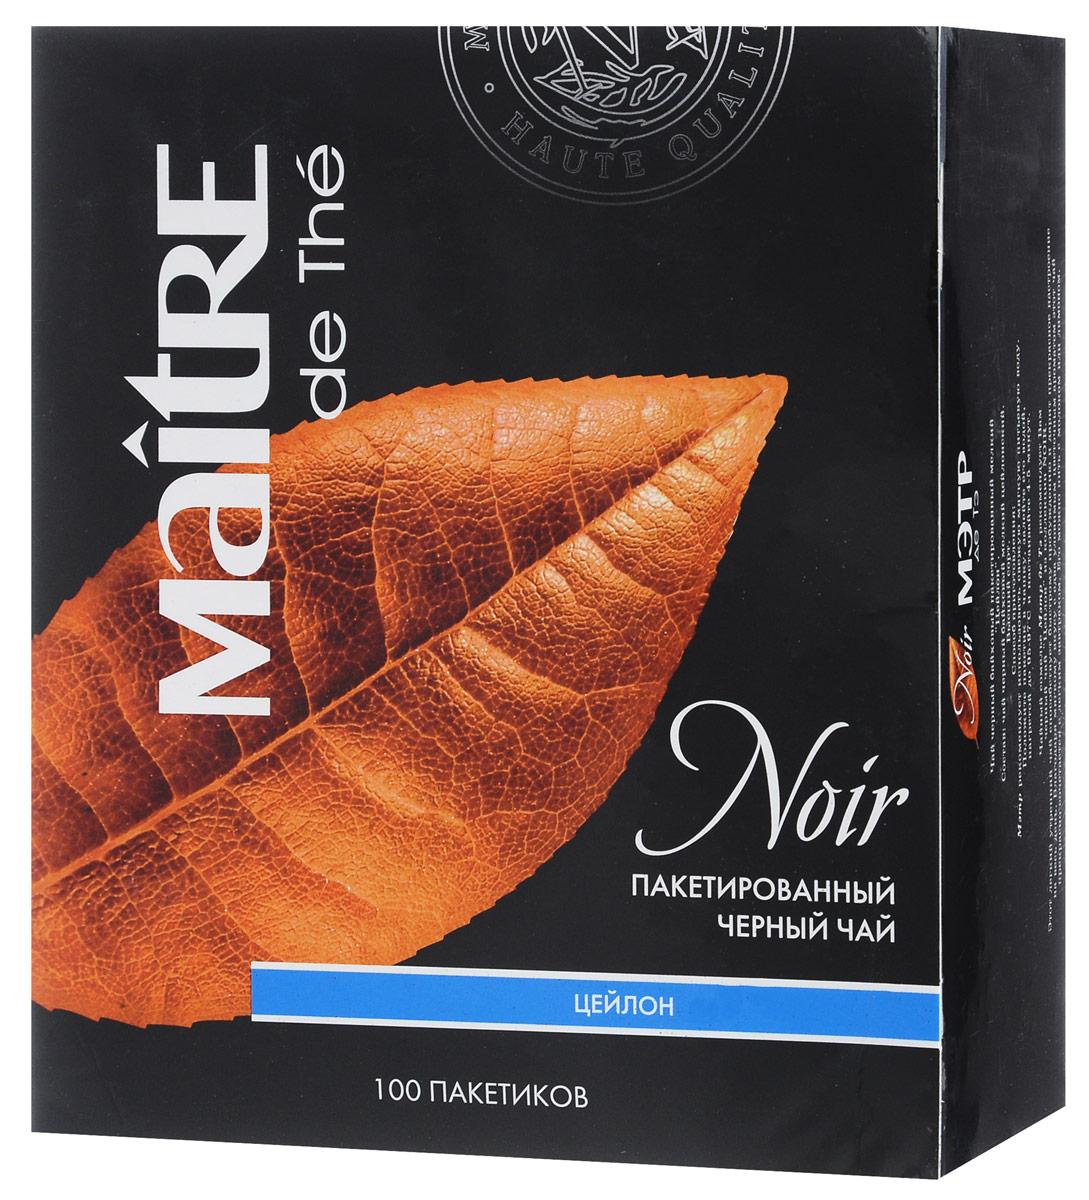 Maitre Цейлон черный байховый чай в пакетиках, 100 штбак290рЧерный байховый чай Maitre Цейлон в пакетиках. Настой имеет темно-коричневый прозрачный цвет и насыщенный вкус.Этот легкий утренний чай способствует быстрому пробуждению и дарит прекрасное настроение на весь день. Благодаря мягкому вкусу с едва уловимым ароматом этот чай прекрасно сочетается с легким завтраком. Его можно пить с молоком или лимоном.